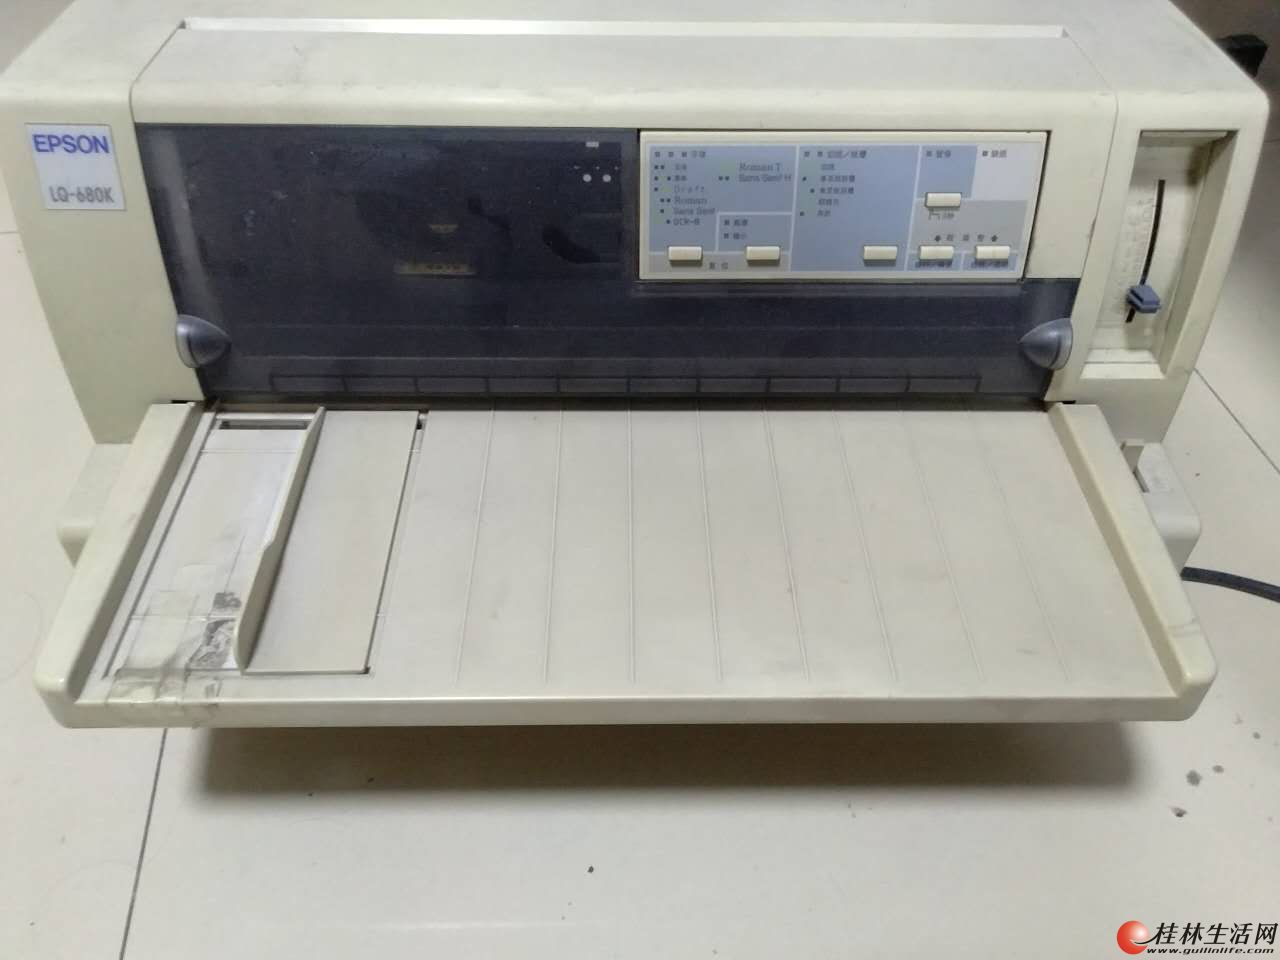 便宜出售爱普生LQ-680K打印机